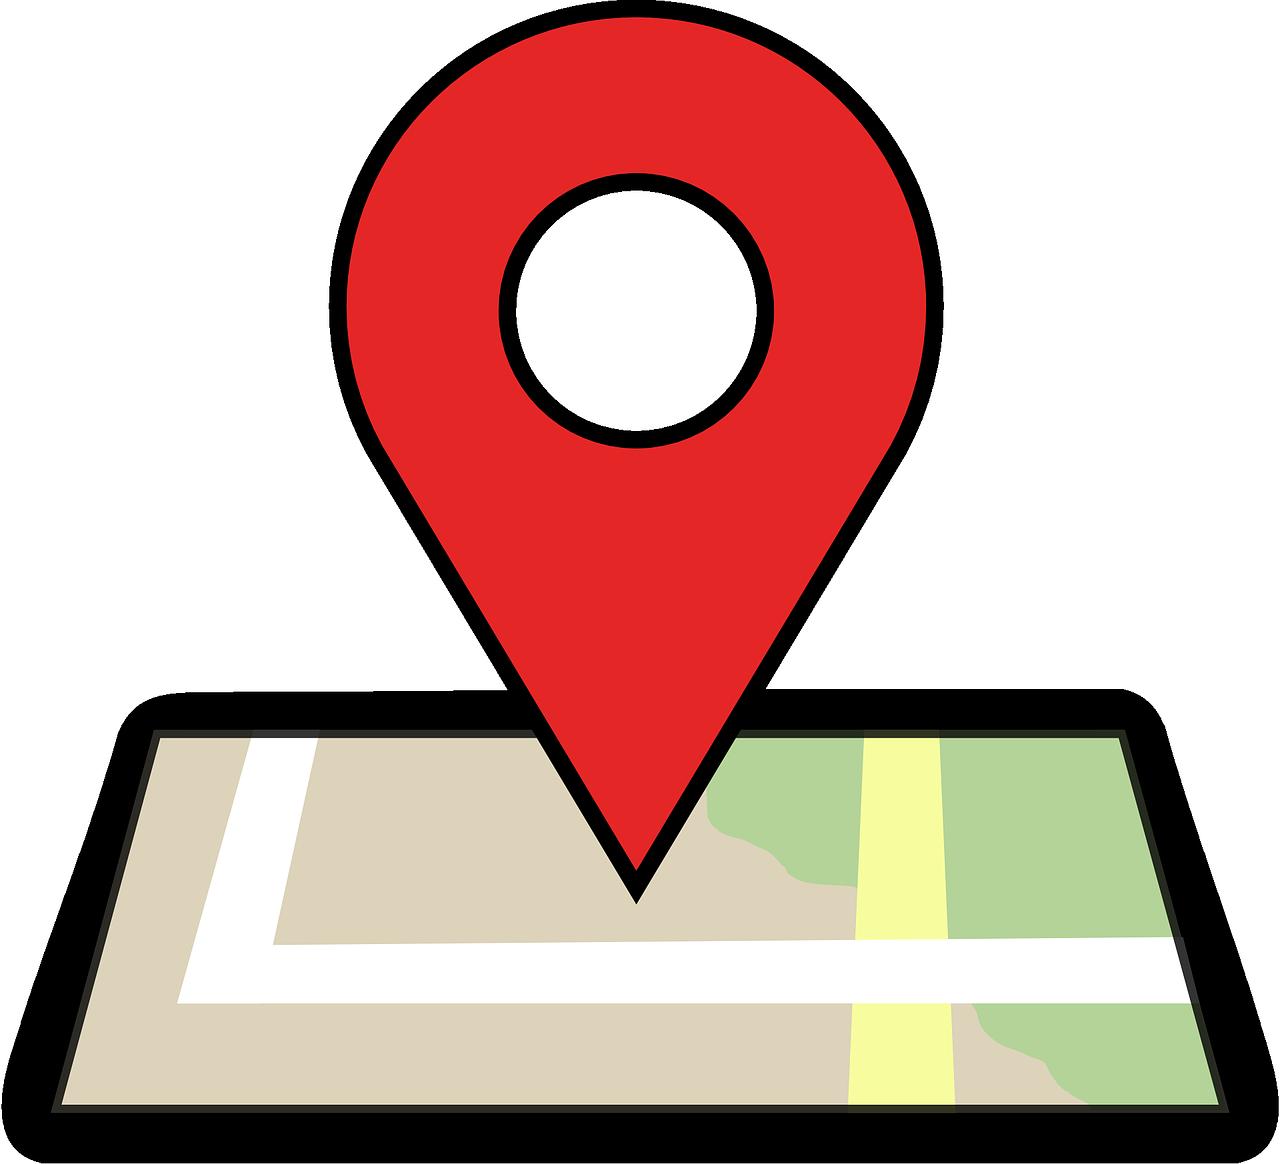 ナスカの地上絵, グーグル, Nazca, Google, Map, Earth